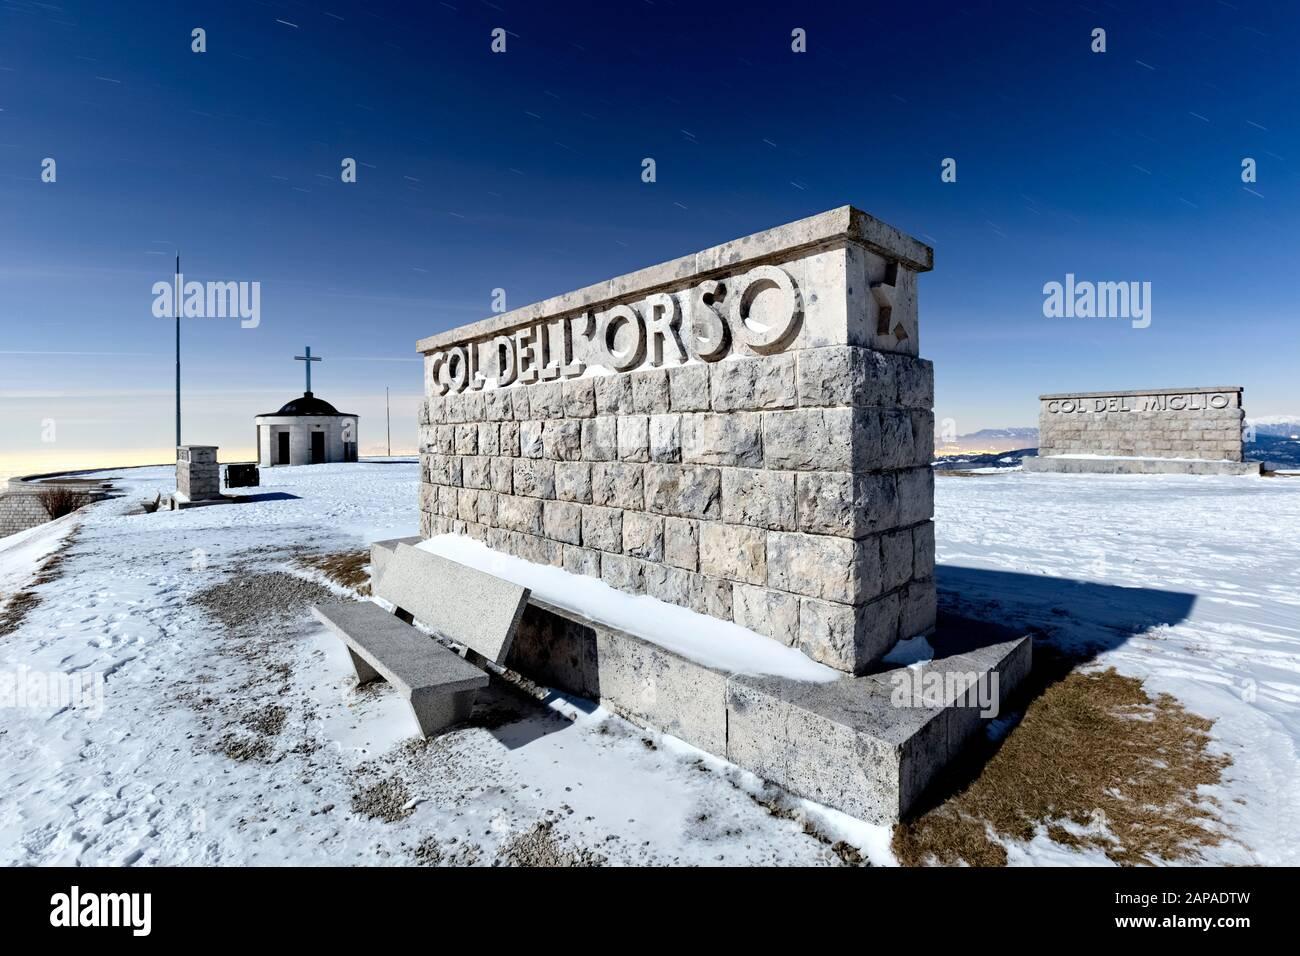 La piedra conmemorativa del Col dell'Orso en el osario militar del Monte Grappa. Treviso, Veneto, Italia, Europa. Foto de stock